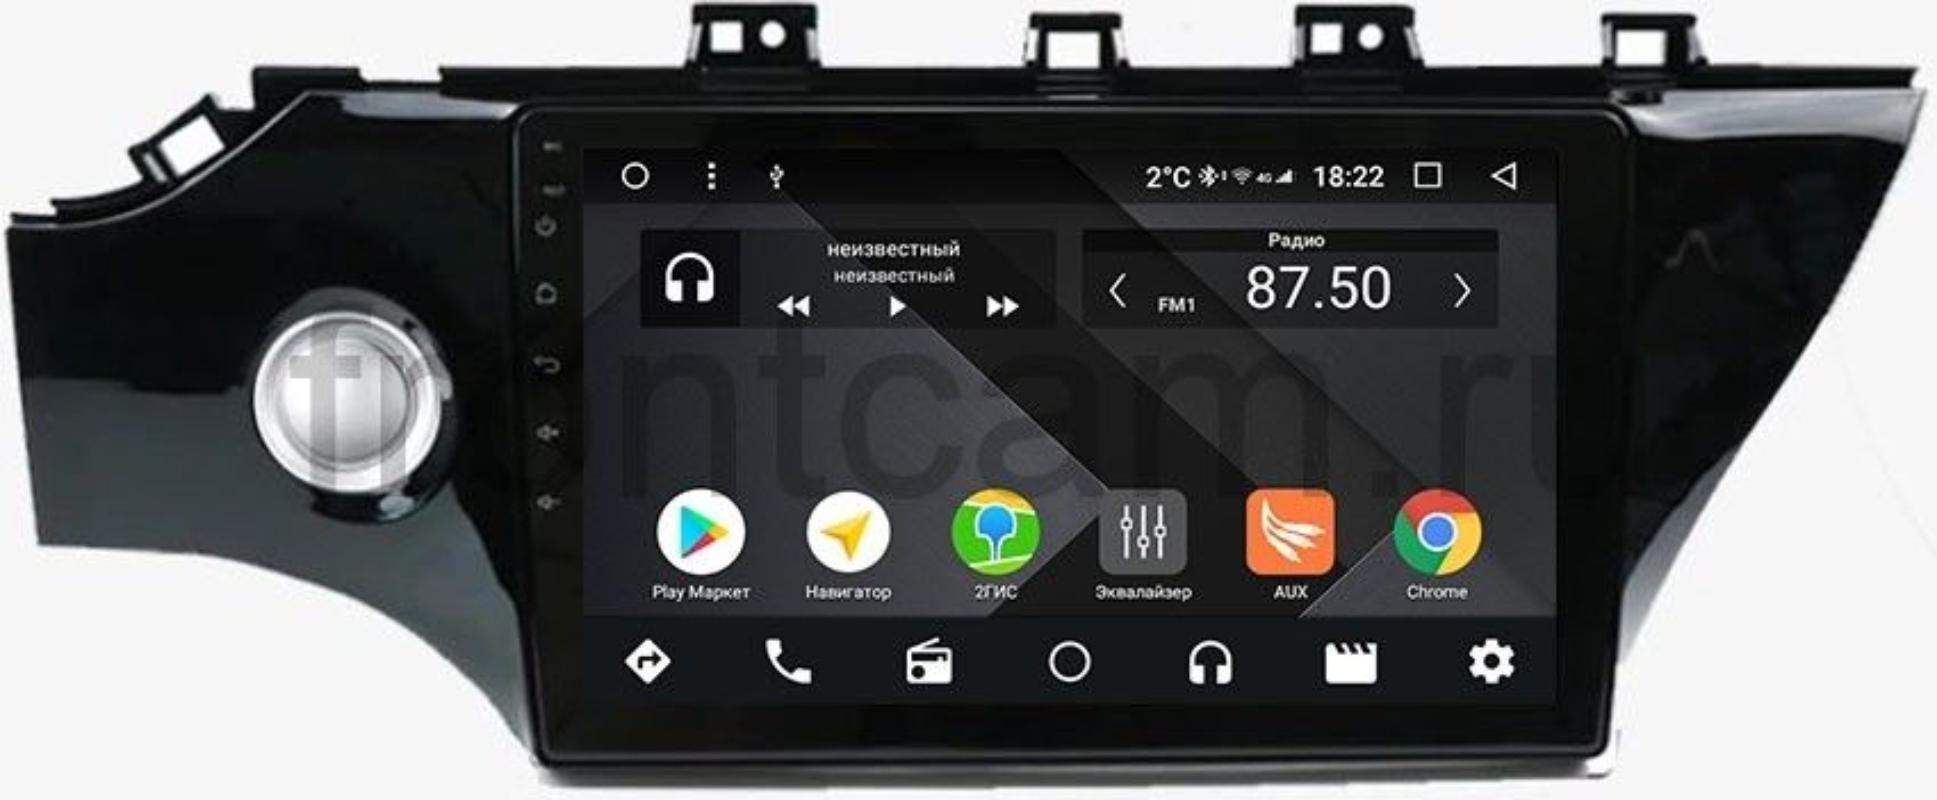 Штатная магнитола Kia Rio IV, Rio IV X-Line 2017-2019 Wide Media CF10-419PM-4/64 на Android 9.1 (TS9, DSP, 4G SIM, 4/64GB) (с кнопкой) (+ Камера заднего вида в подарок!)